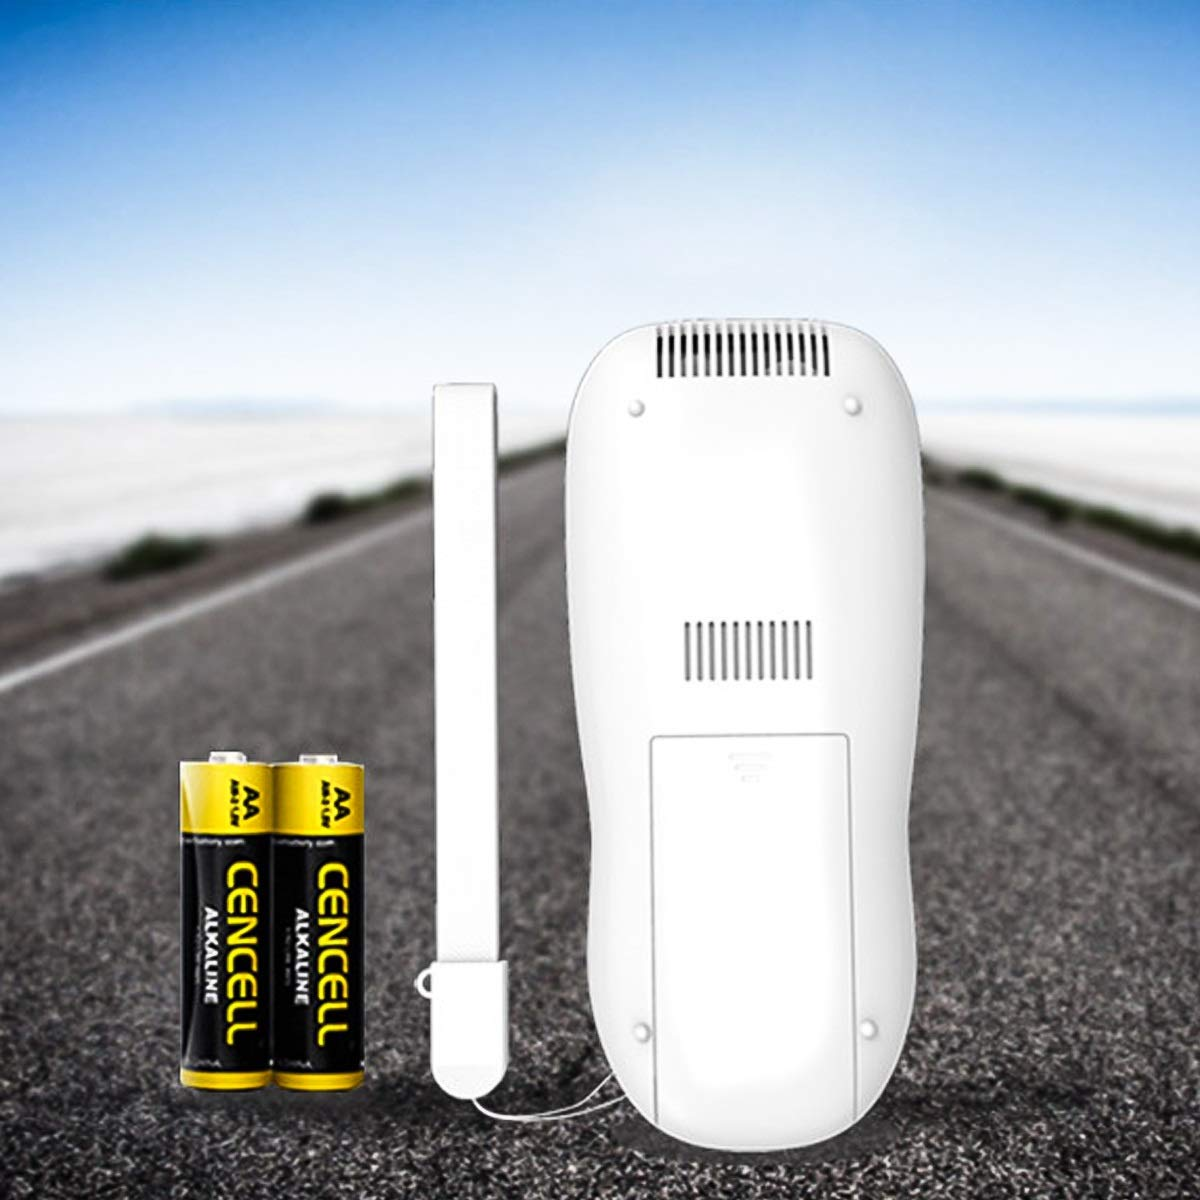 Chennie Tragbare Luftqualit/ätsmonitor Indoor Formaldehyd Detektor TVOC Volatile Meter Test Organische Verbindung Gas HCHO Tester